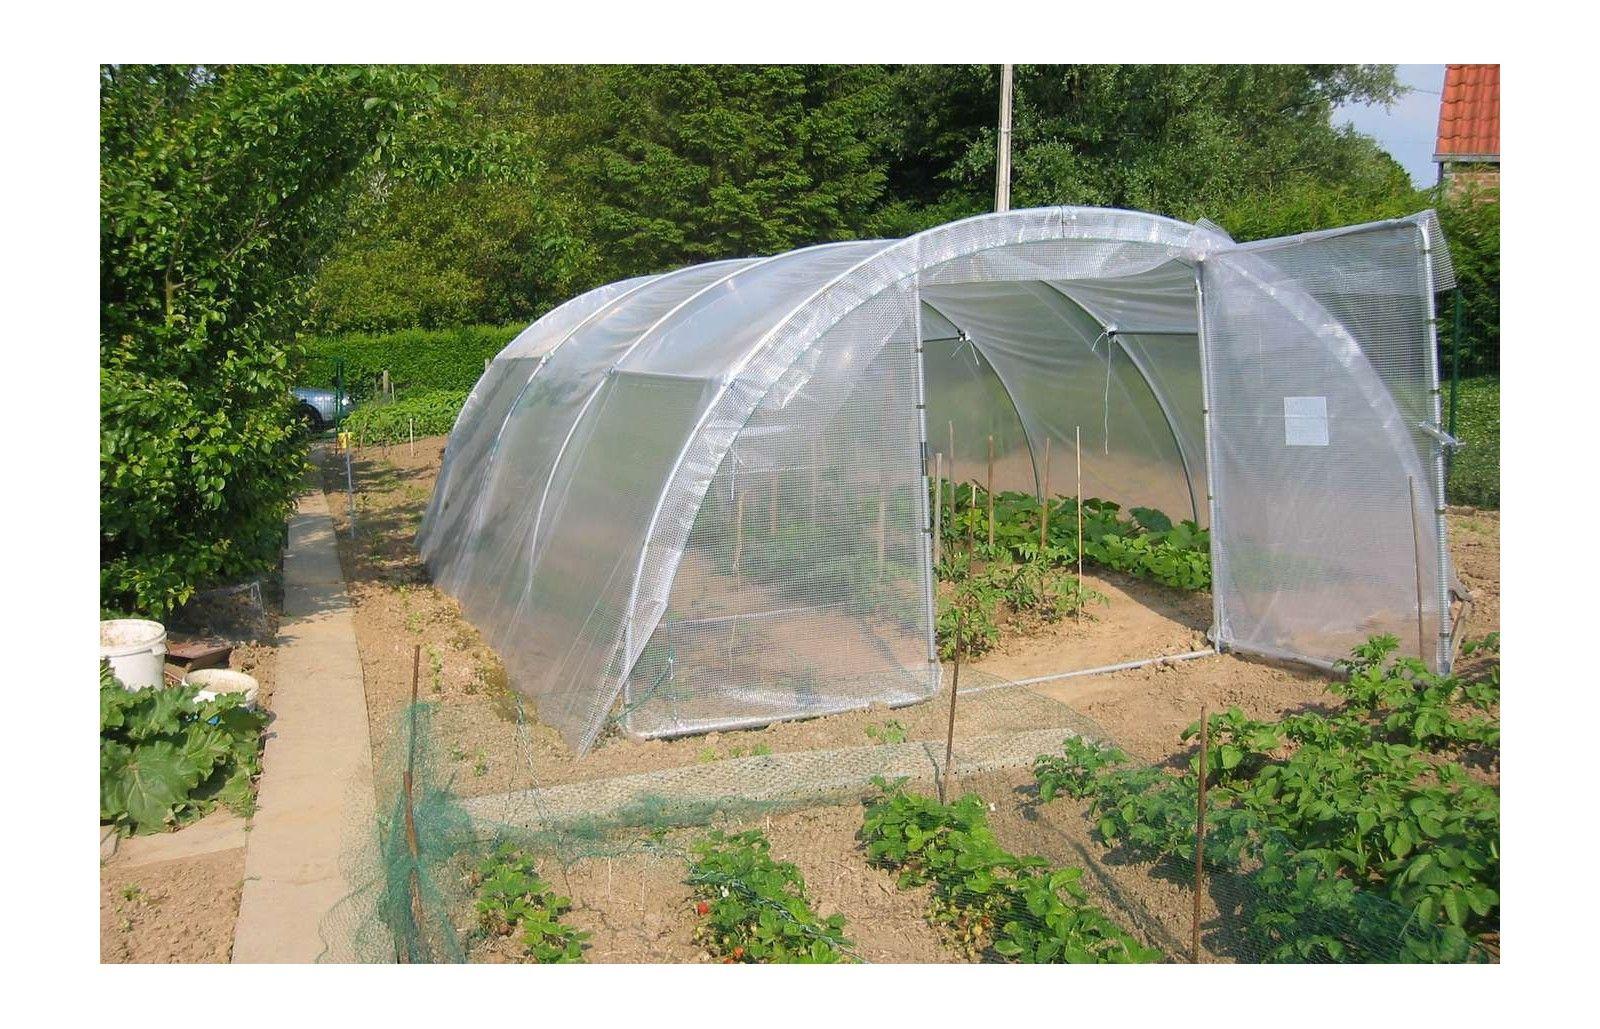 bache de toit serre abri legumes long 6m00 serres tonneau. Black Bedroom Furniture Sets. Home Design Ideas